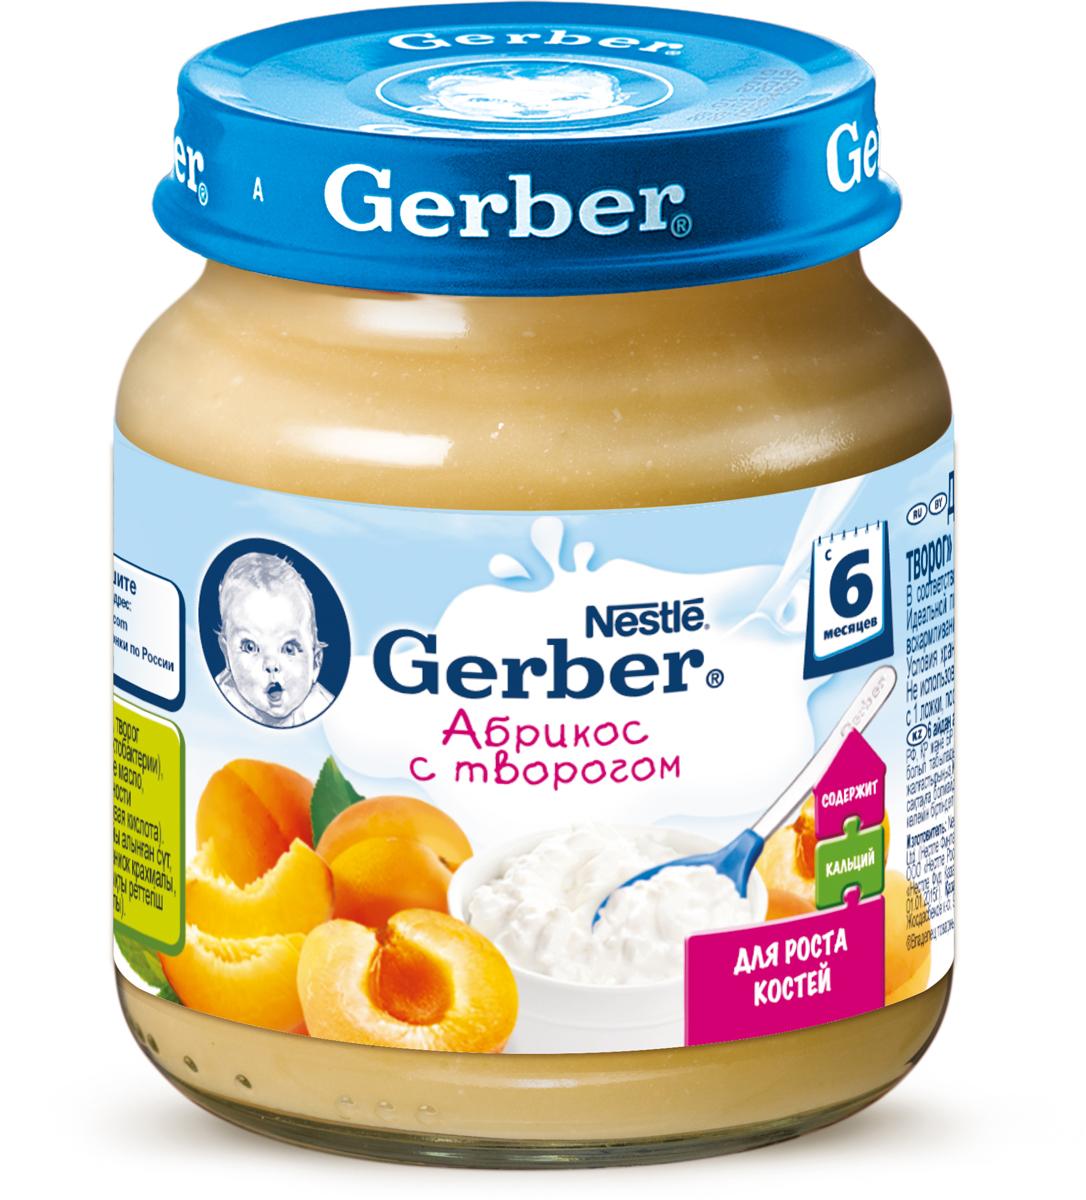 Gerber пюре абрикос с творогом, с 6 месяцев, 125 г gerber пюре груши вильямс с 4 месяцев 12 шт по 80 г